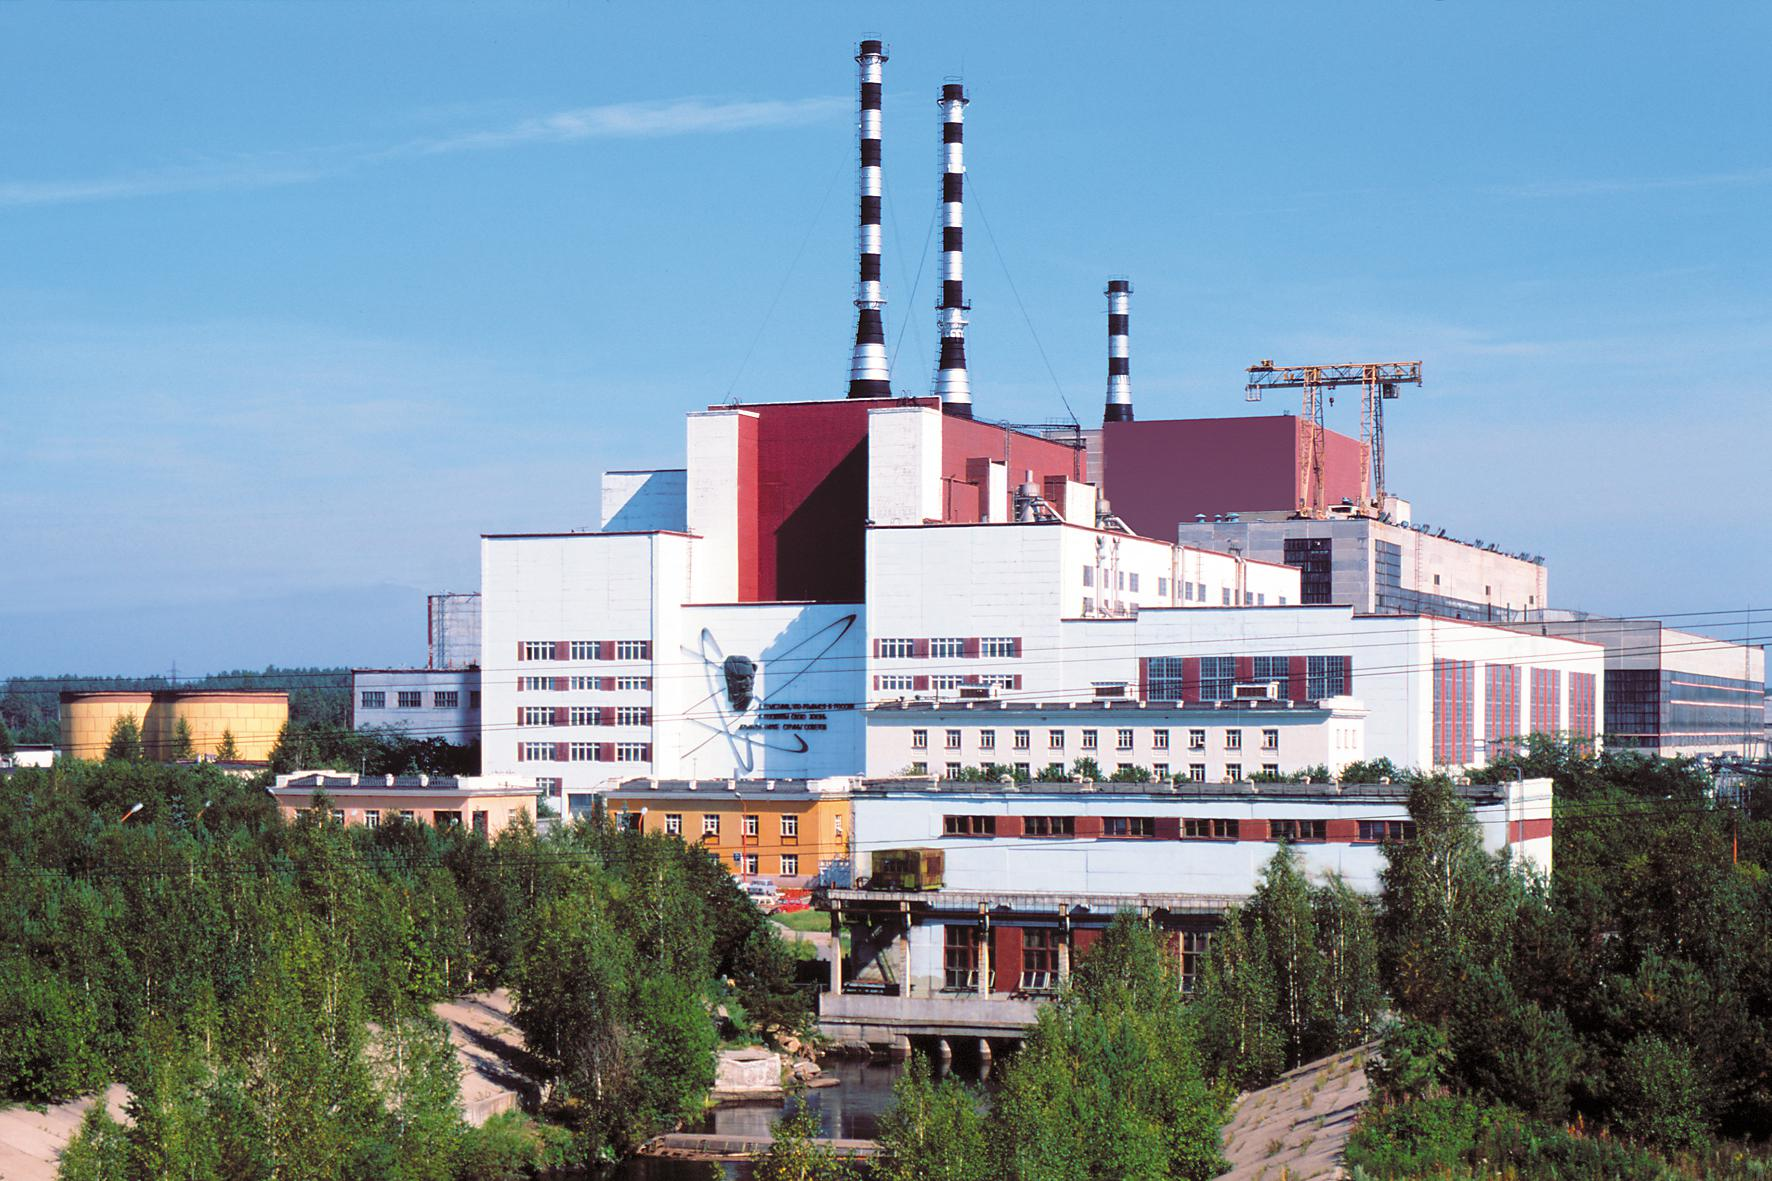 Ядерное наследие первенца атомной энергетики СССР